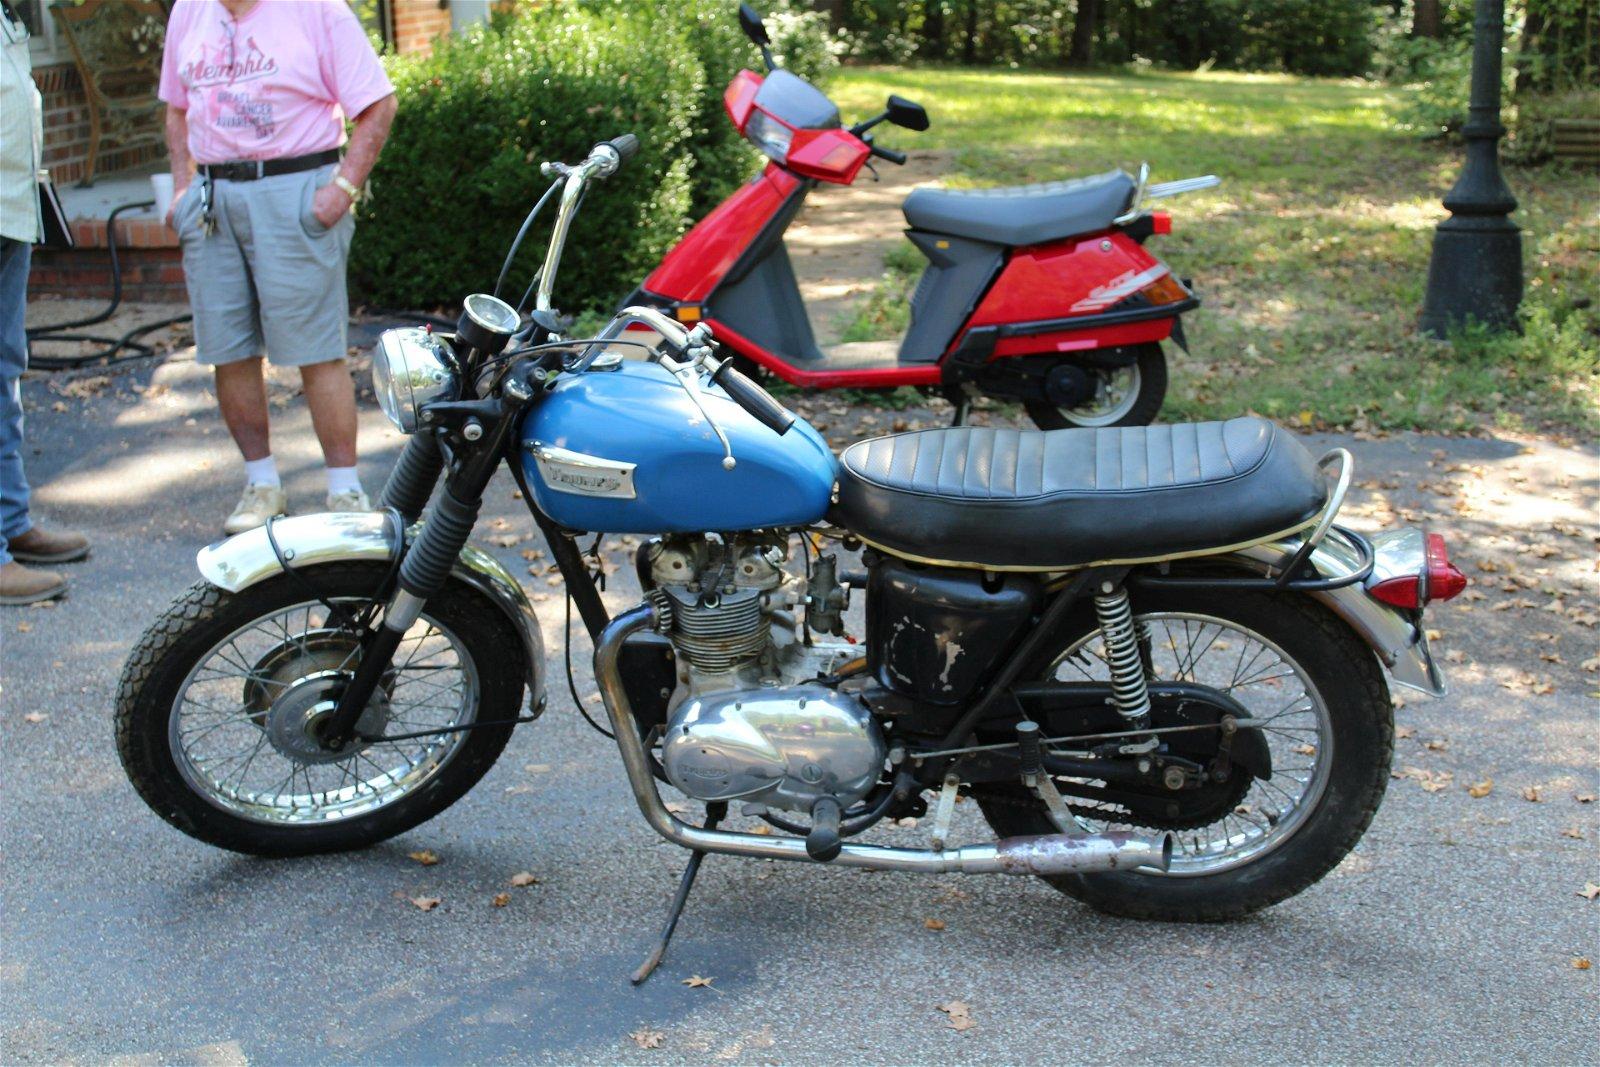 1972 1/2 Triumph 650 Tiger